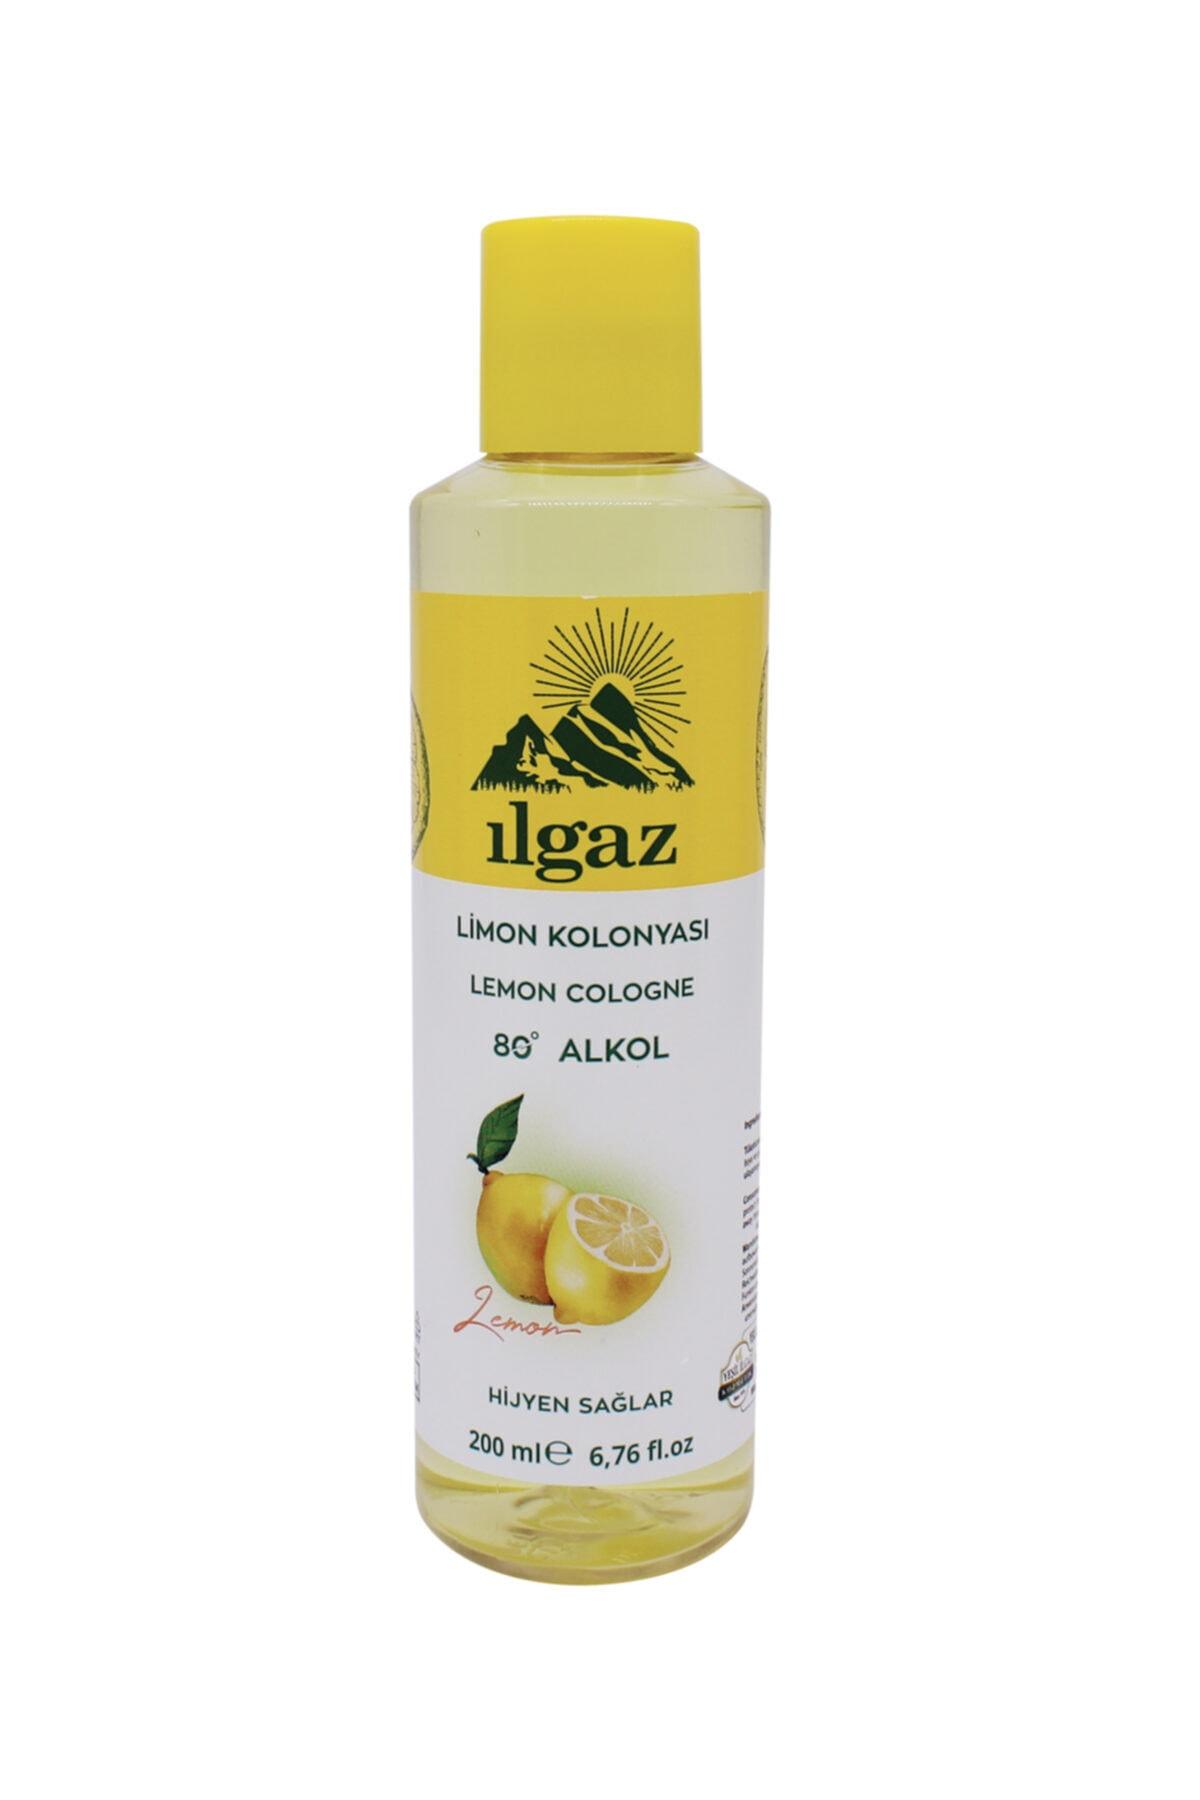 ILGAZ Limon Kolonyası 2x200 ml +1000 ml Bidon Limon Kolonyası Doldurulabilir Huni Kapak Kolonya Seti 2